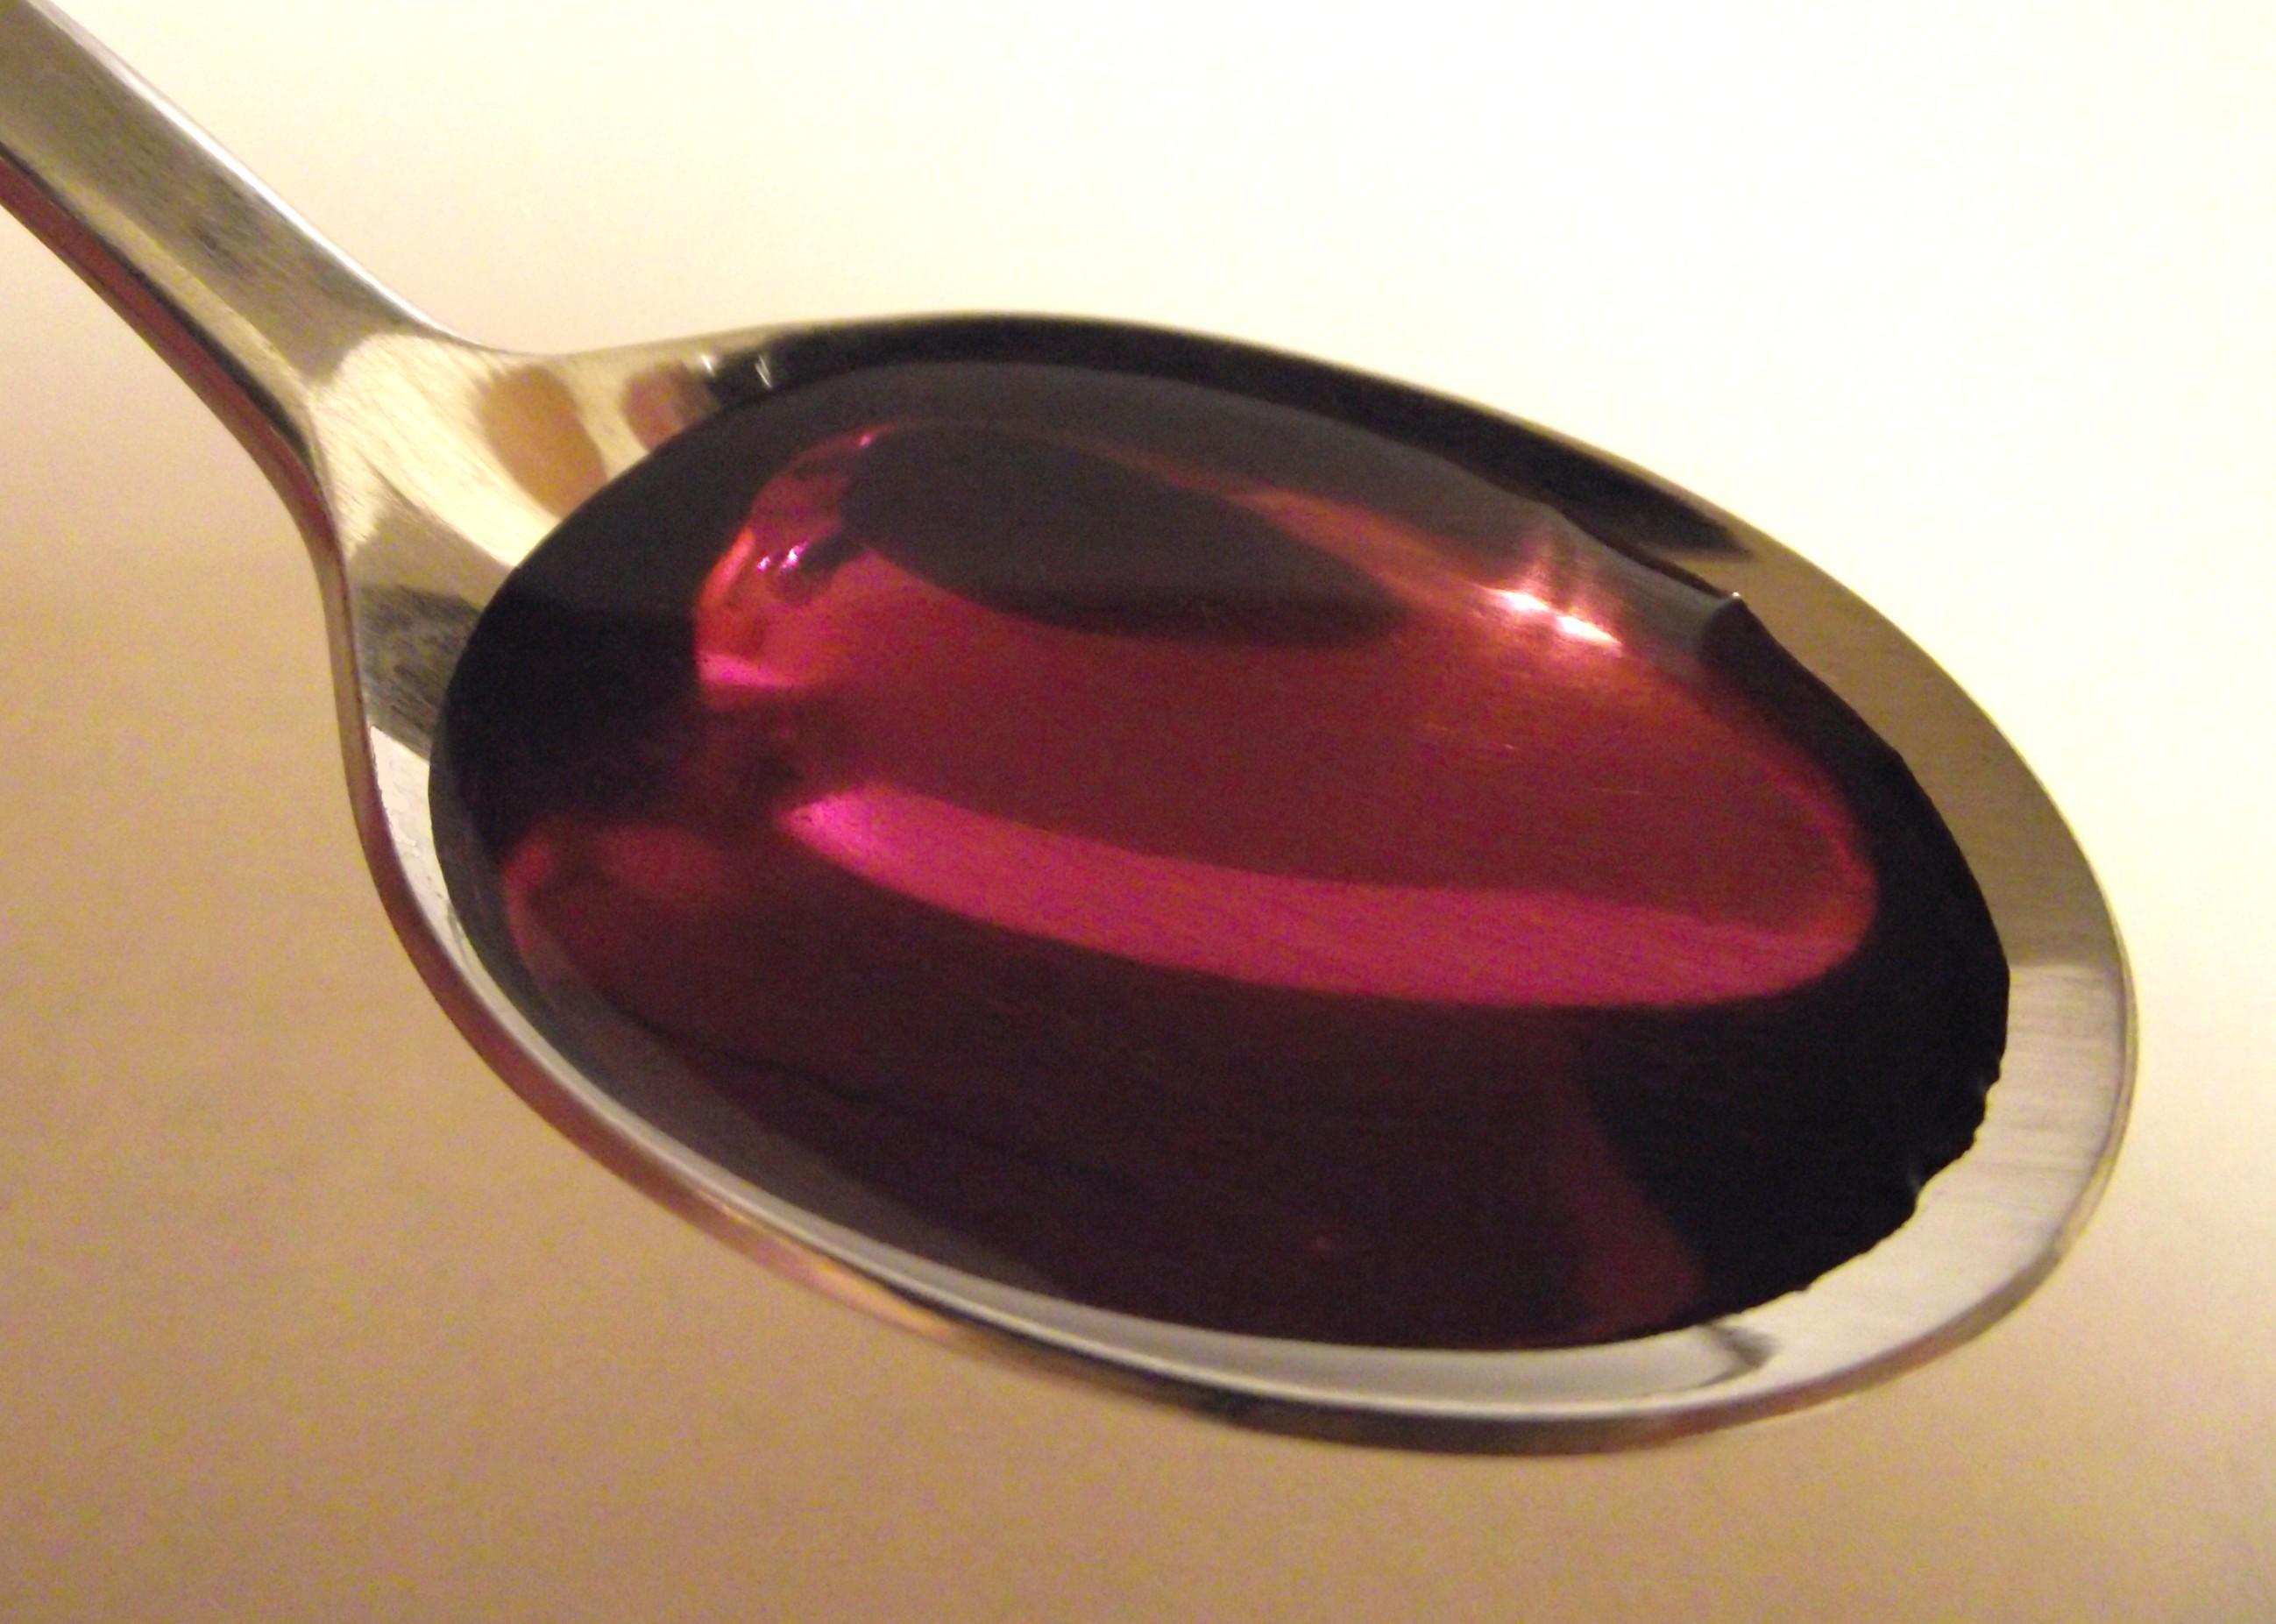 Is dit het nieuwe lachgas? Jongeren drinken 'lean', ook wel 'purple drank'. Drie vragen (met antwoorden) over deze drugdrank